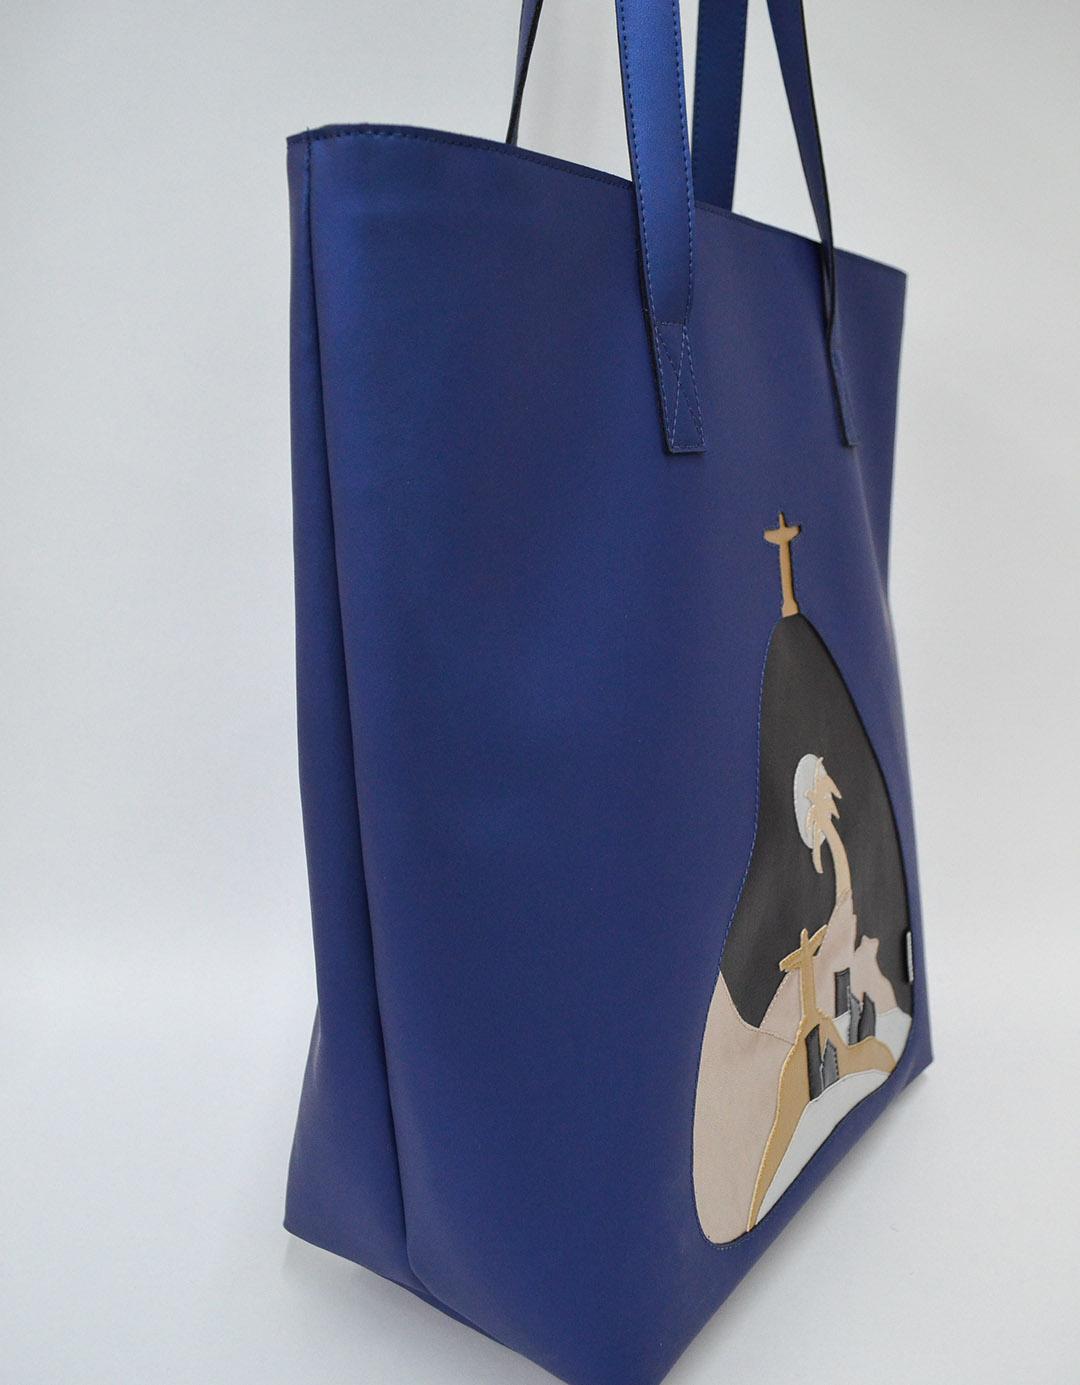 Bolsa de Ombro Azul Vega Lixo Nobre